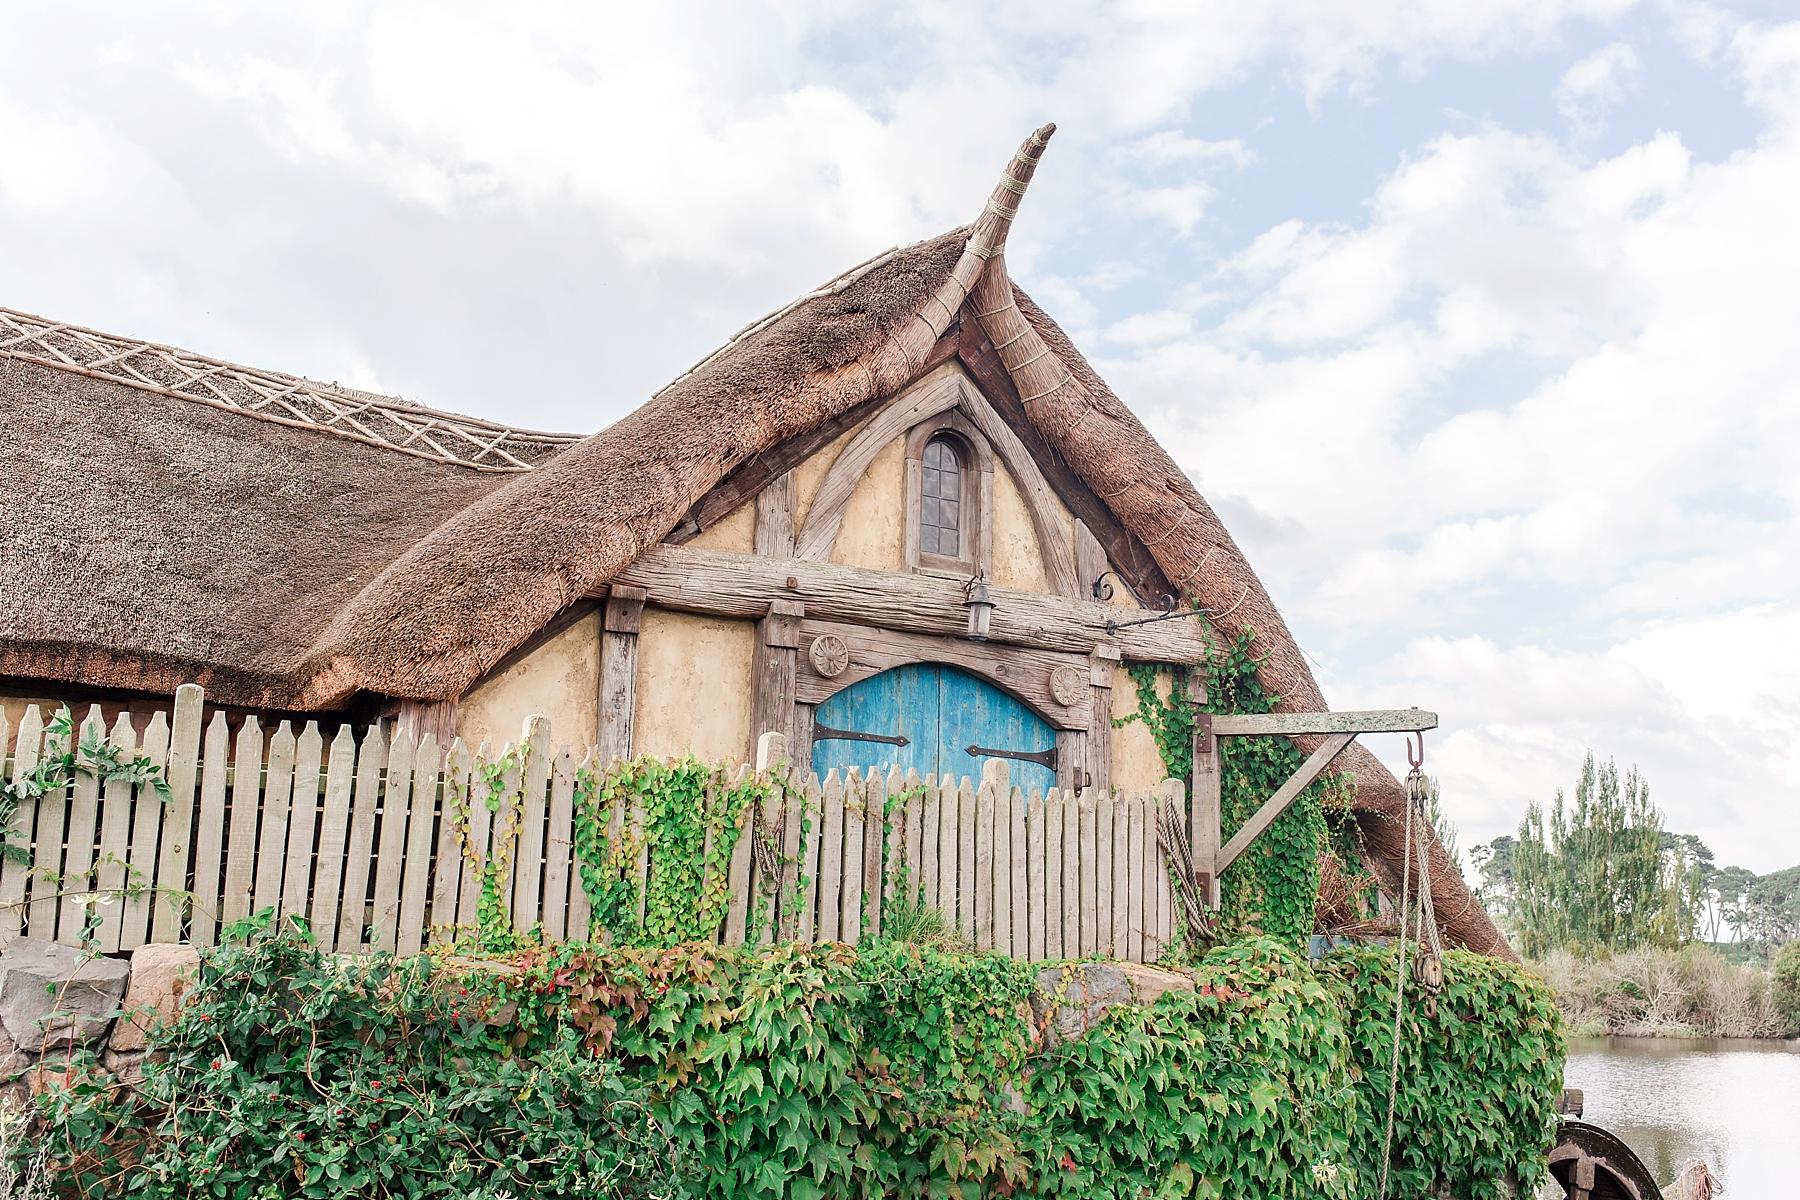 hobbiton-movie-set-matamata-hamilton-north-island-new-zealand-scenery_0262.jpg